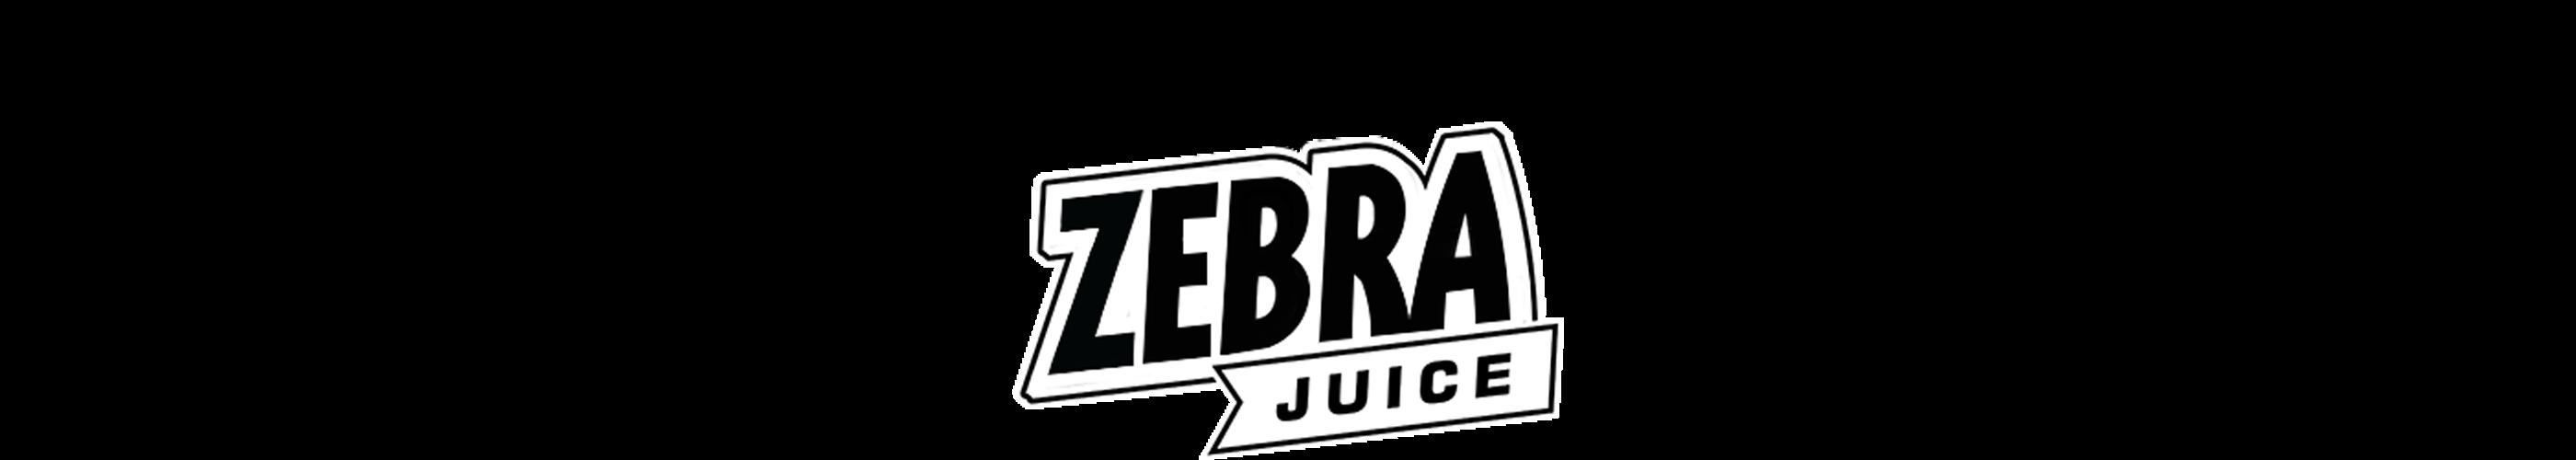 Zebra CBD